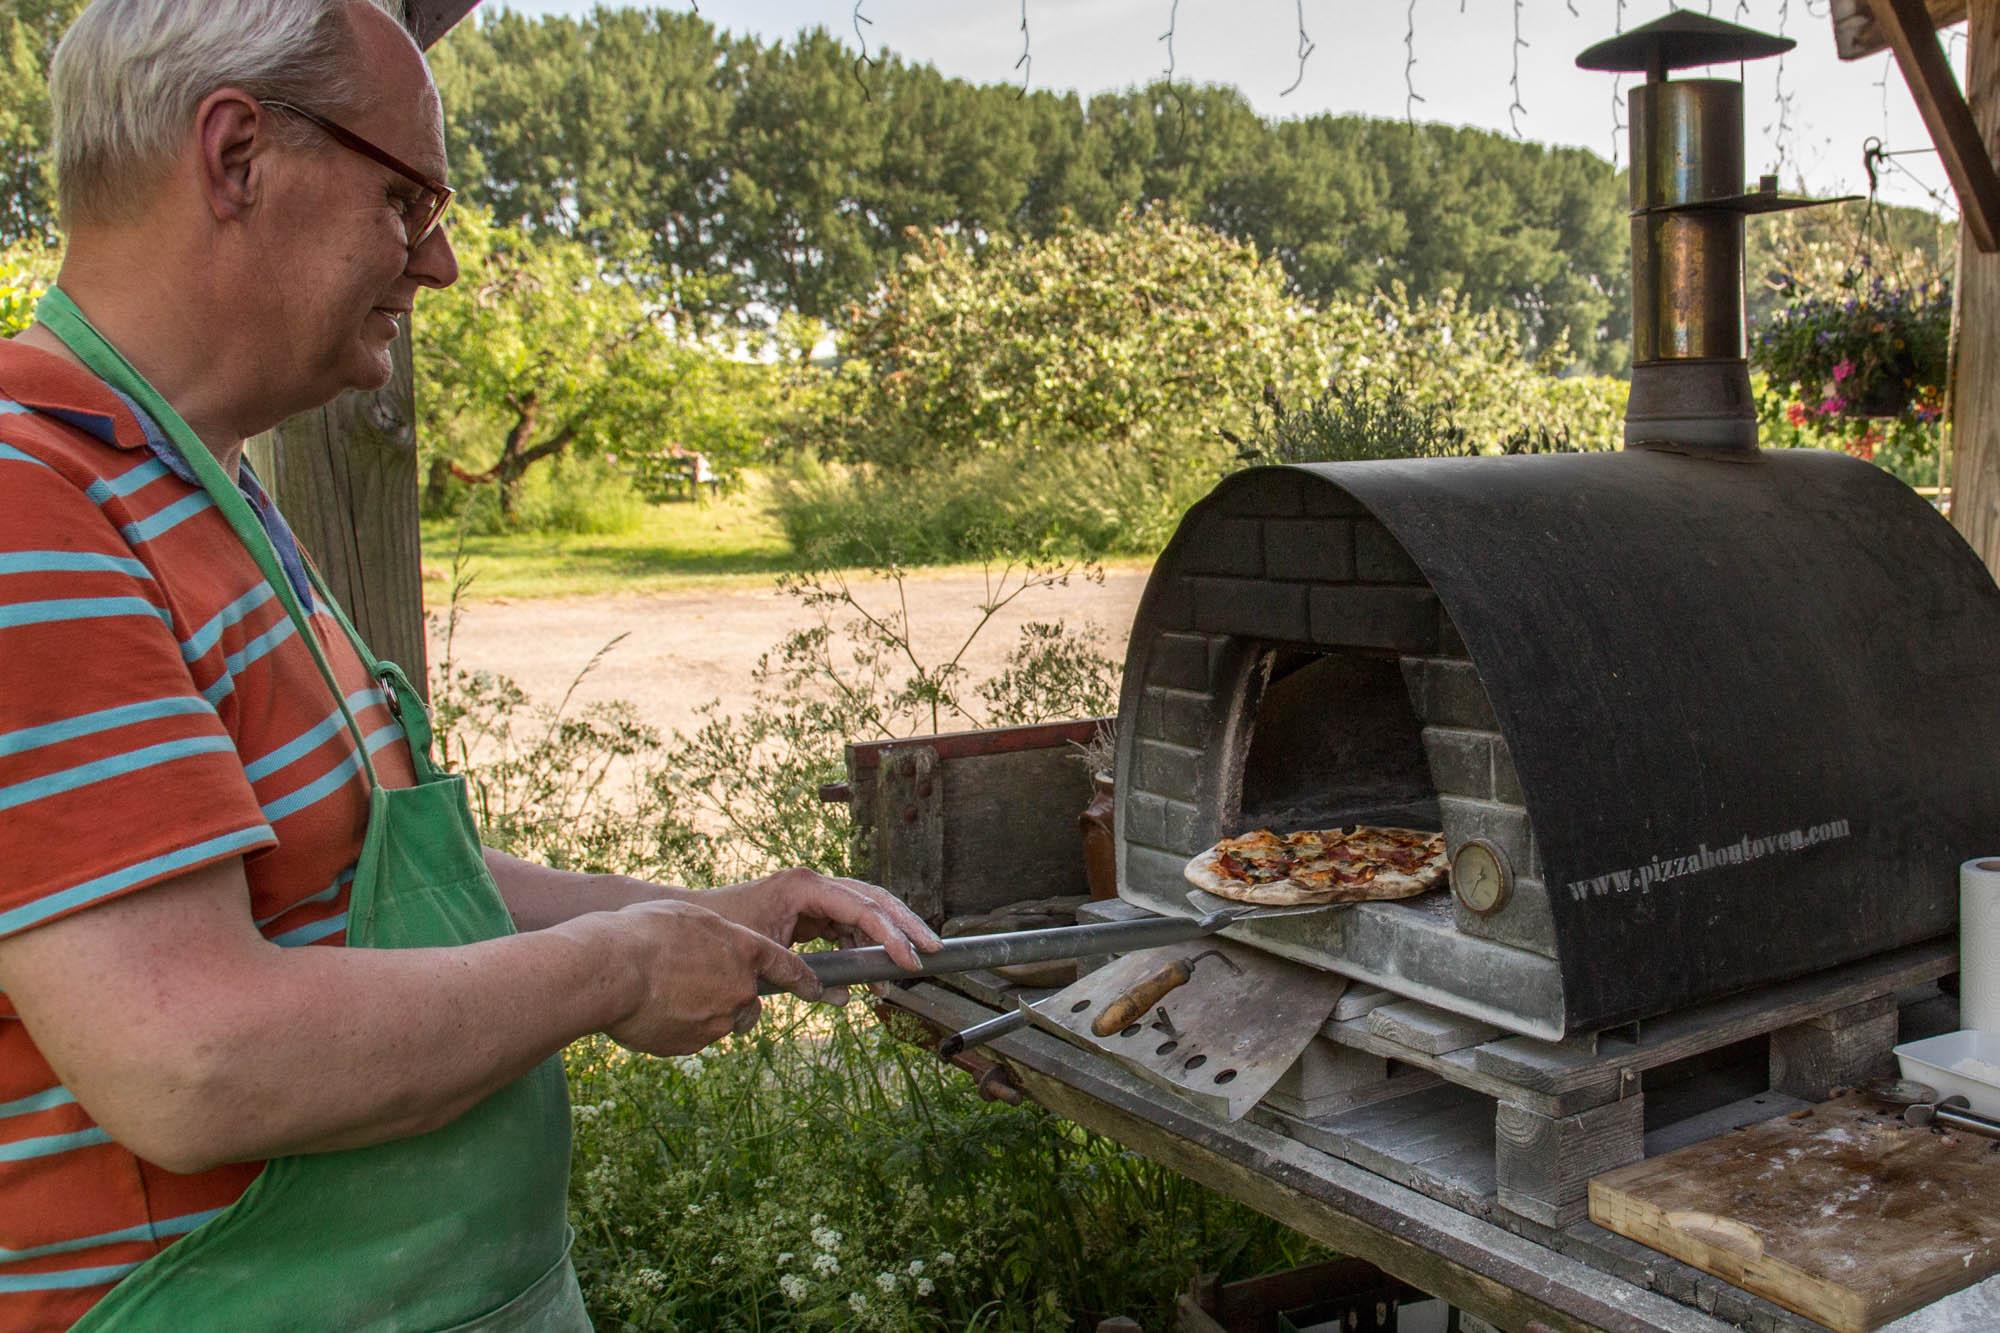 Pizzabakken workshop Landrucci Utrechtse platteland